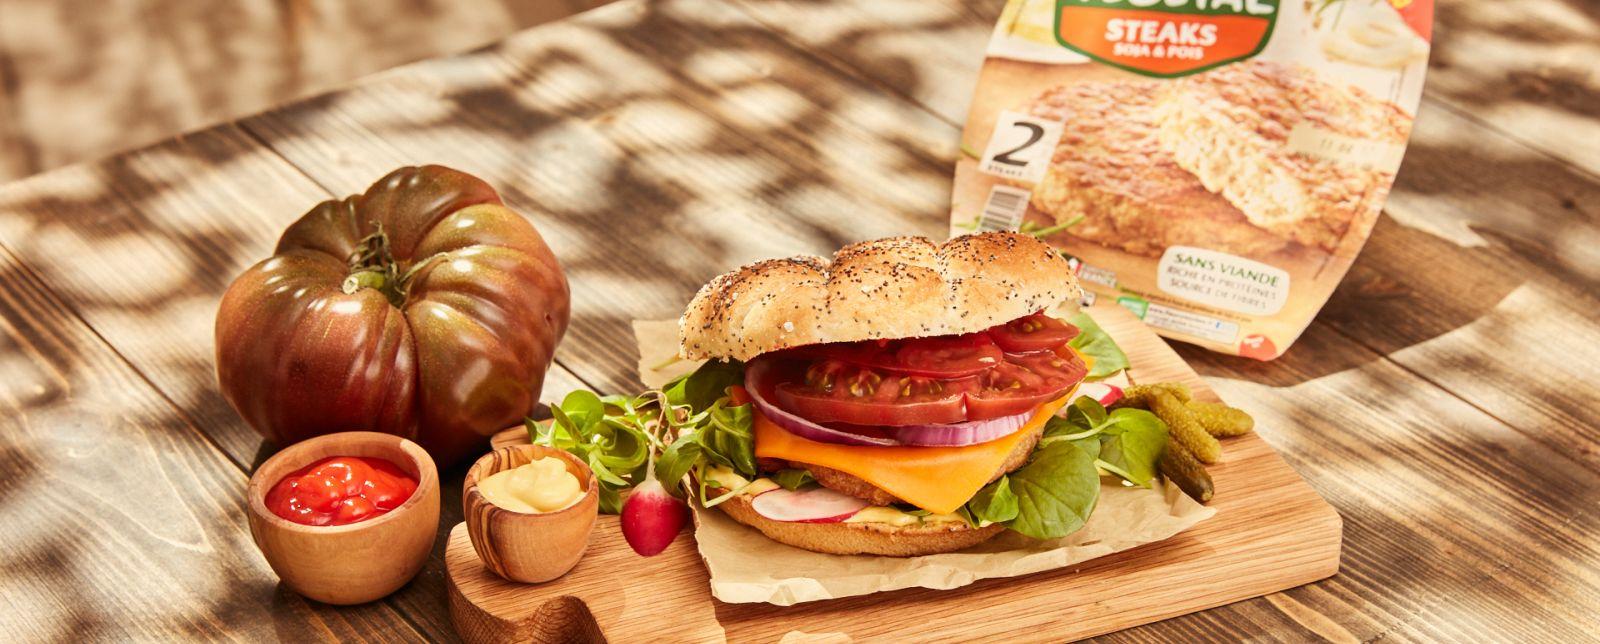 Burger avec steak végétal fleury michon